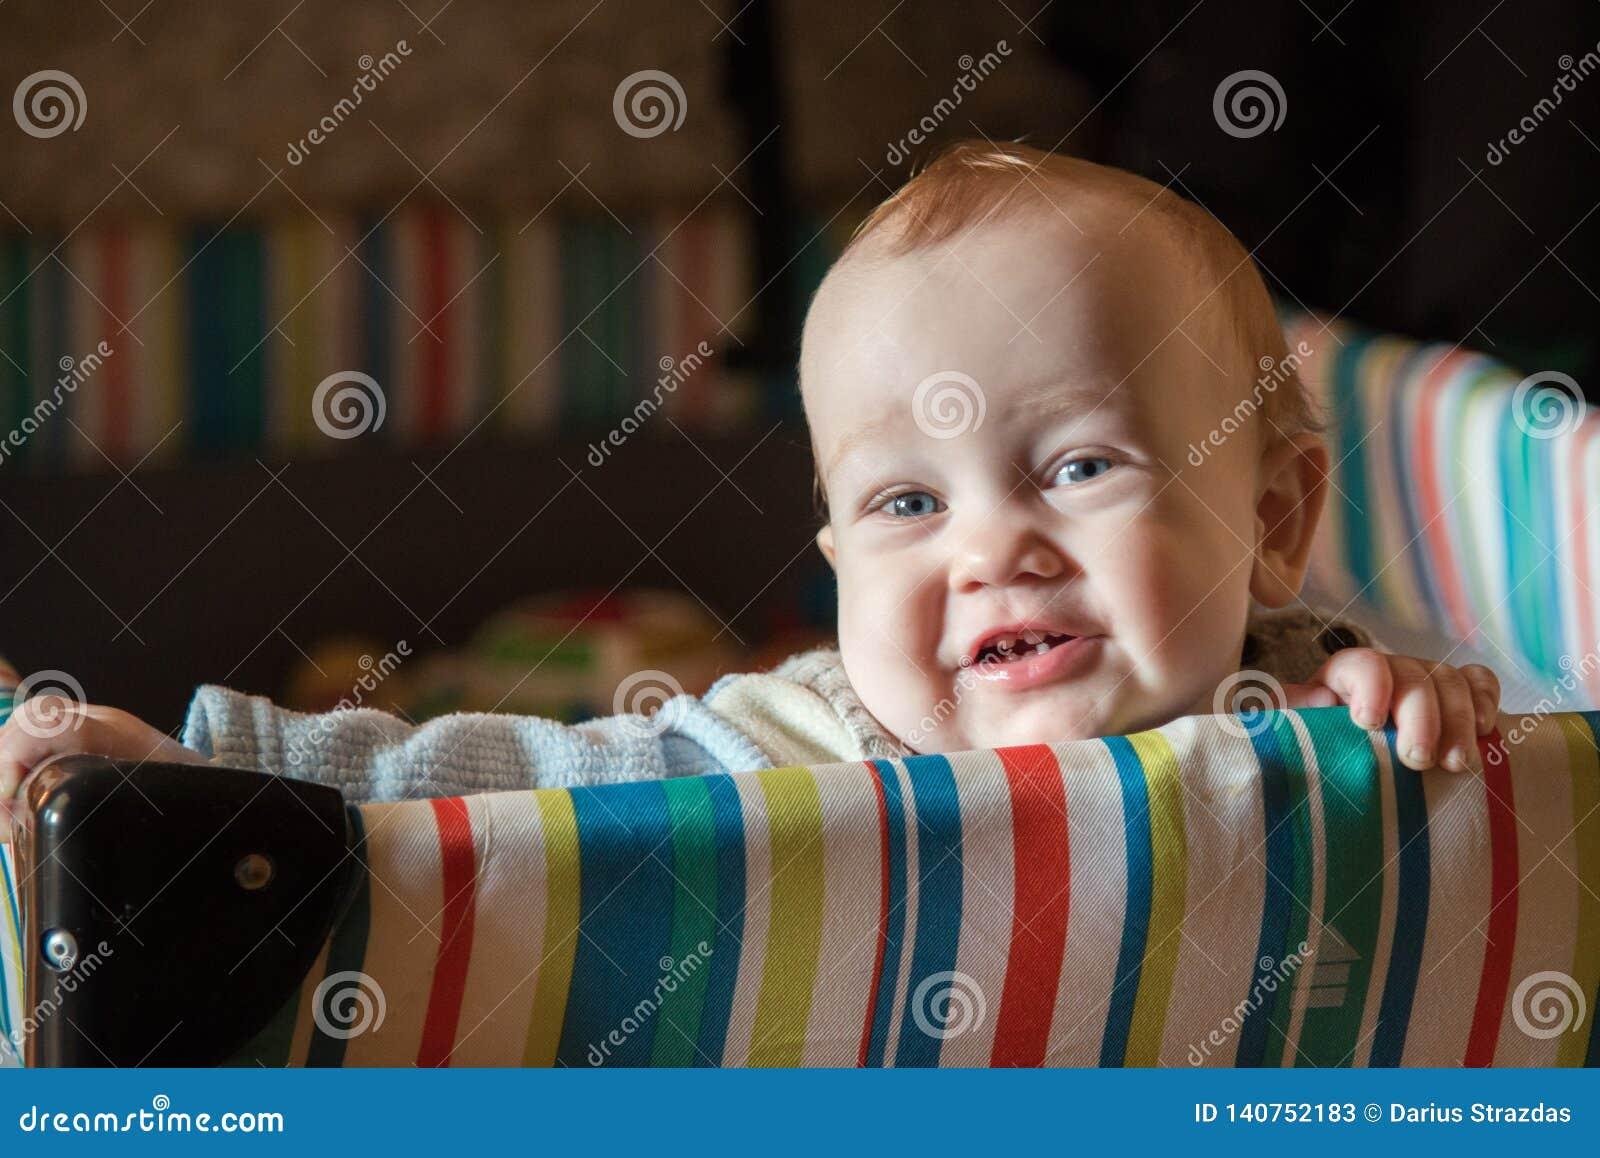 Small cute child